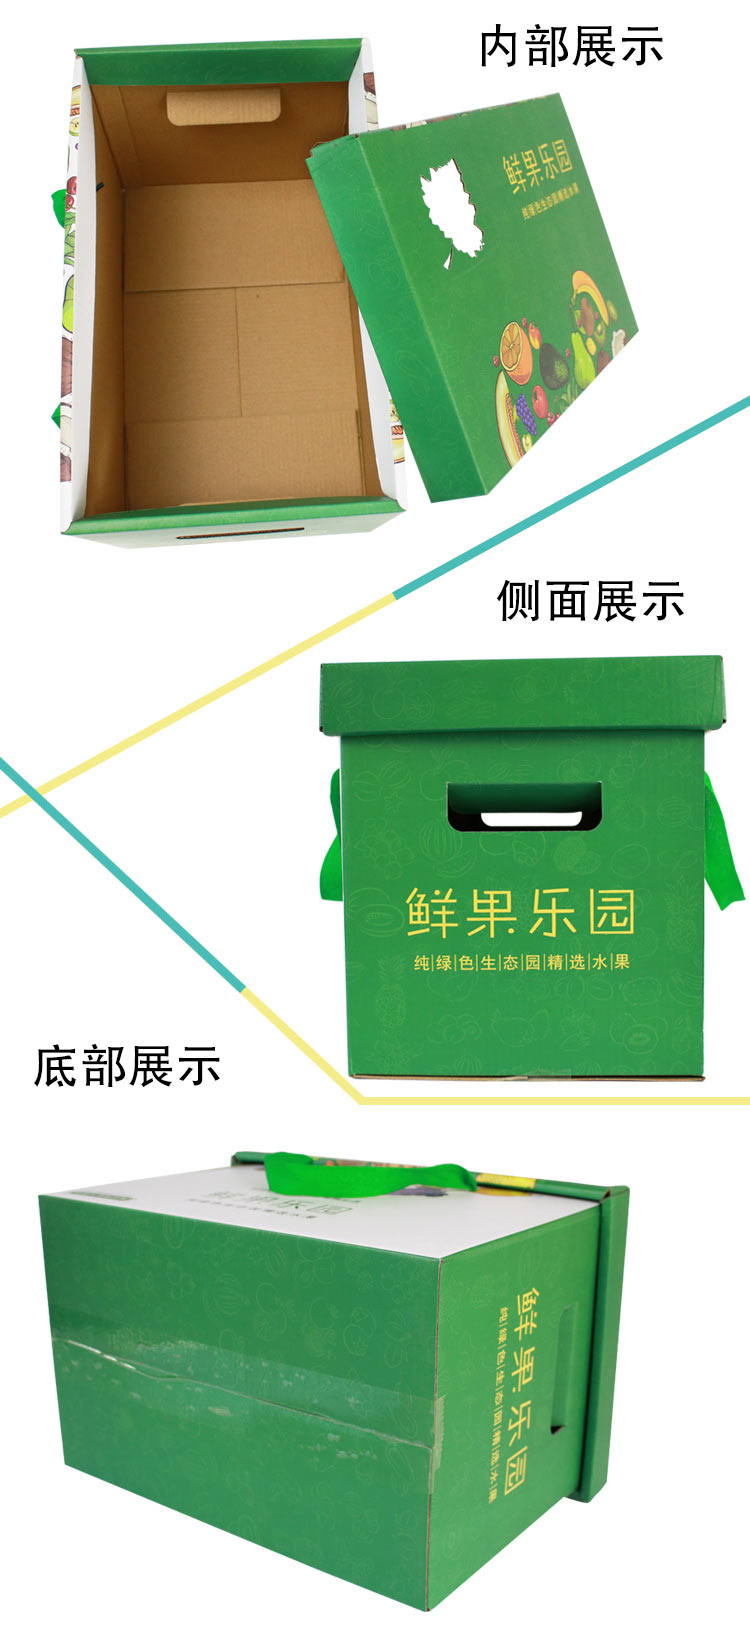 彩色水果紙箱詳情2